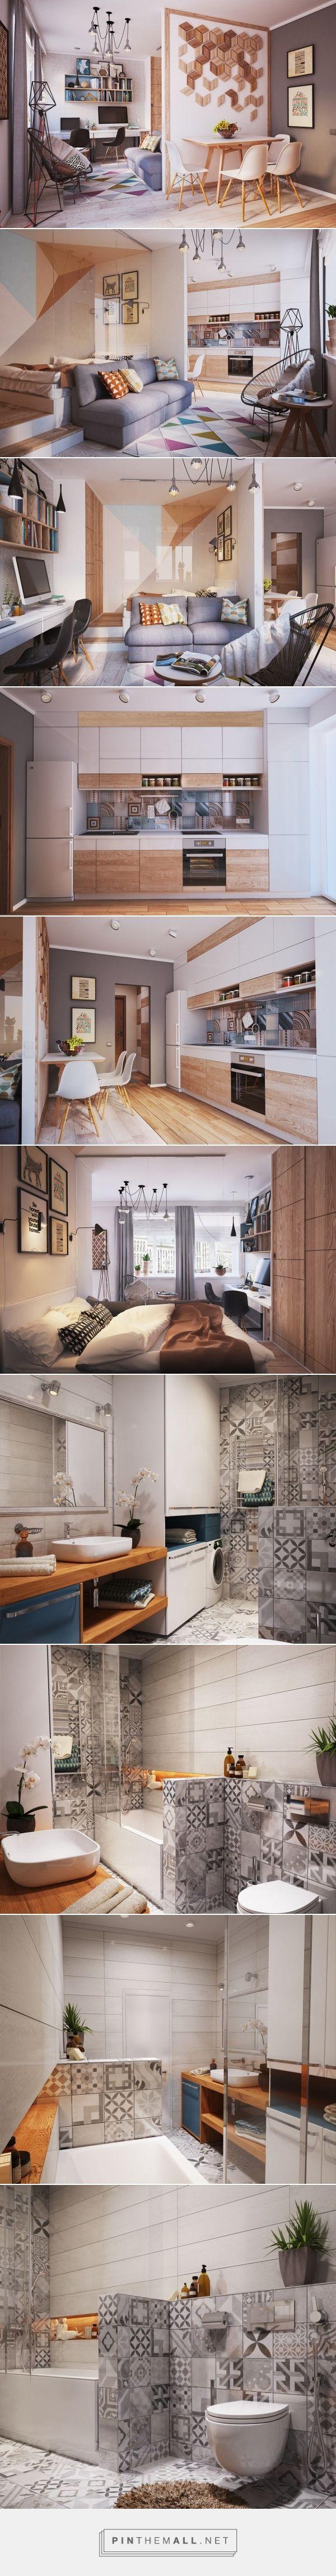 living small with style platzsparend und praktisch durchdacht einrichten lautet die devise. Black Bedroom Furniture Sets. Home Design Ideas